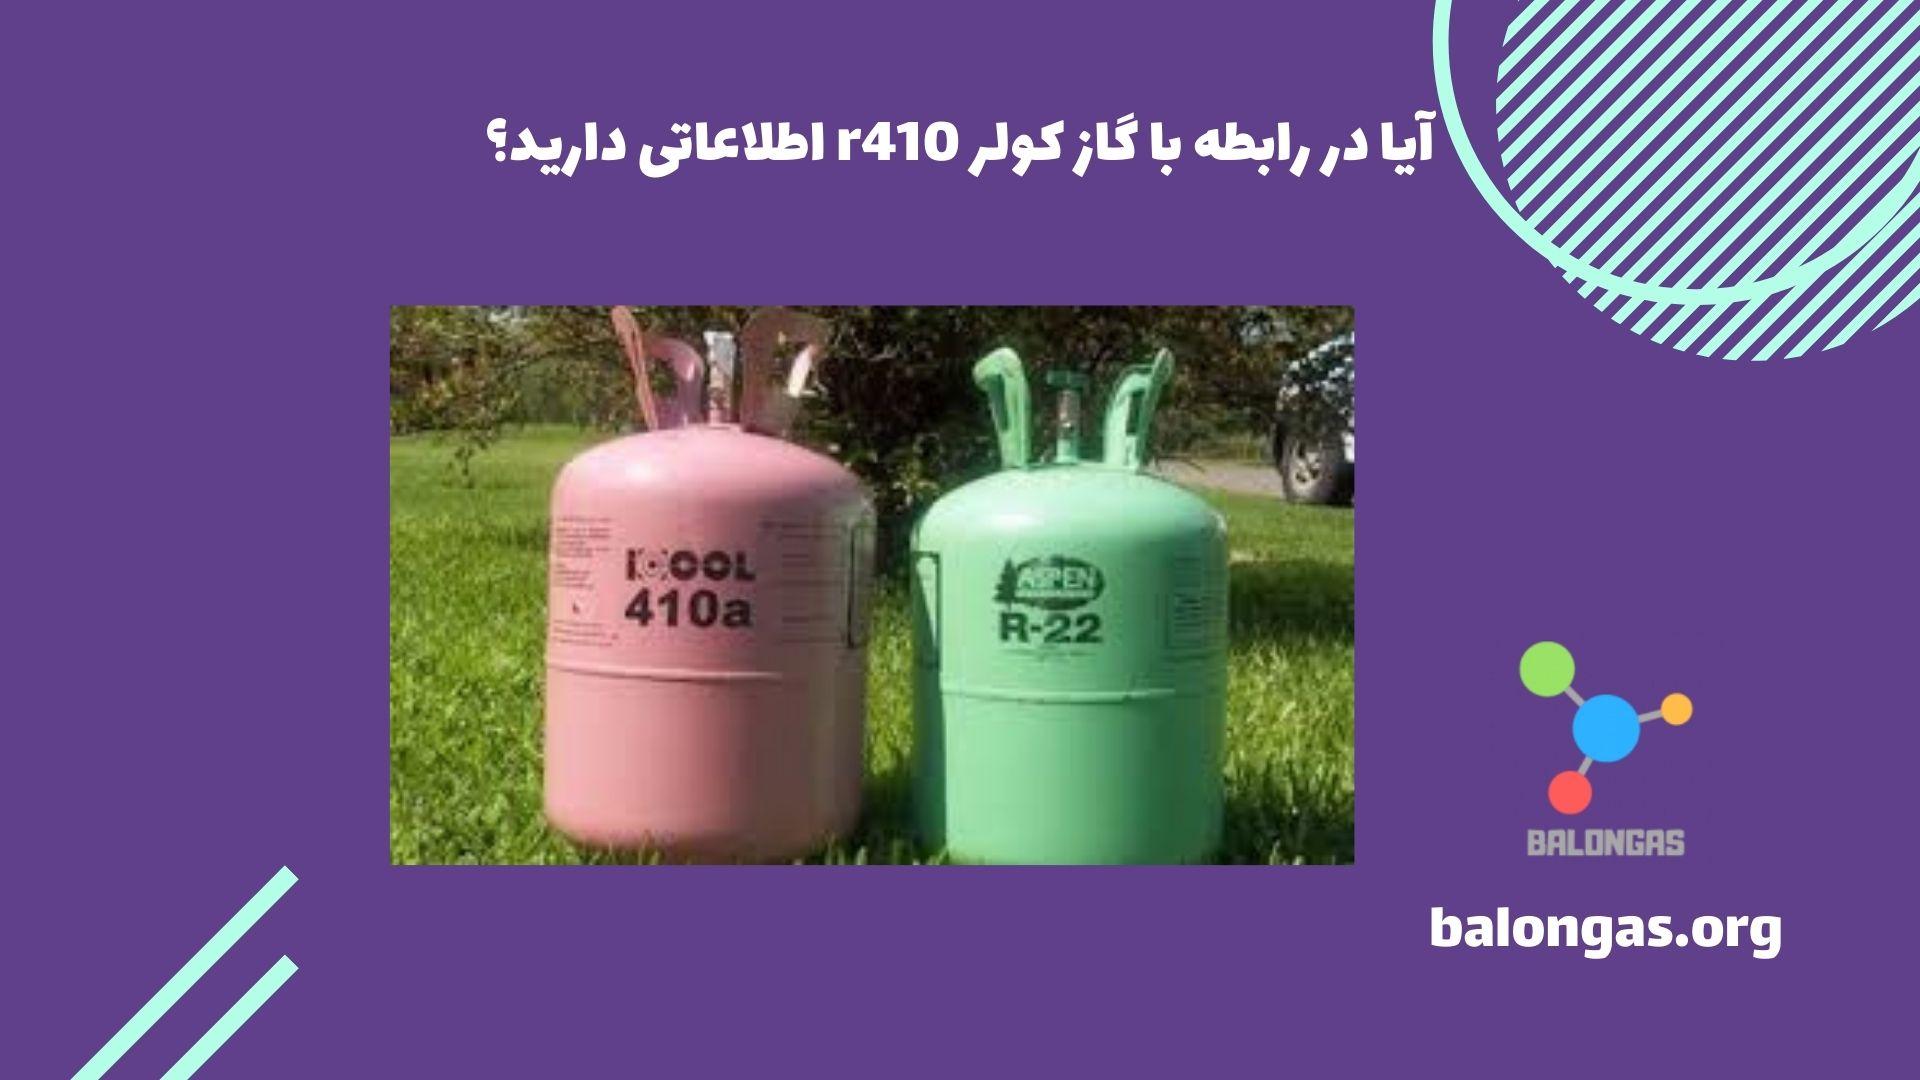 آیا در رابطه با گاز کولر r410 اطلاعاتی دارید؟